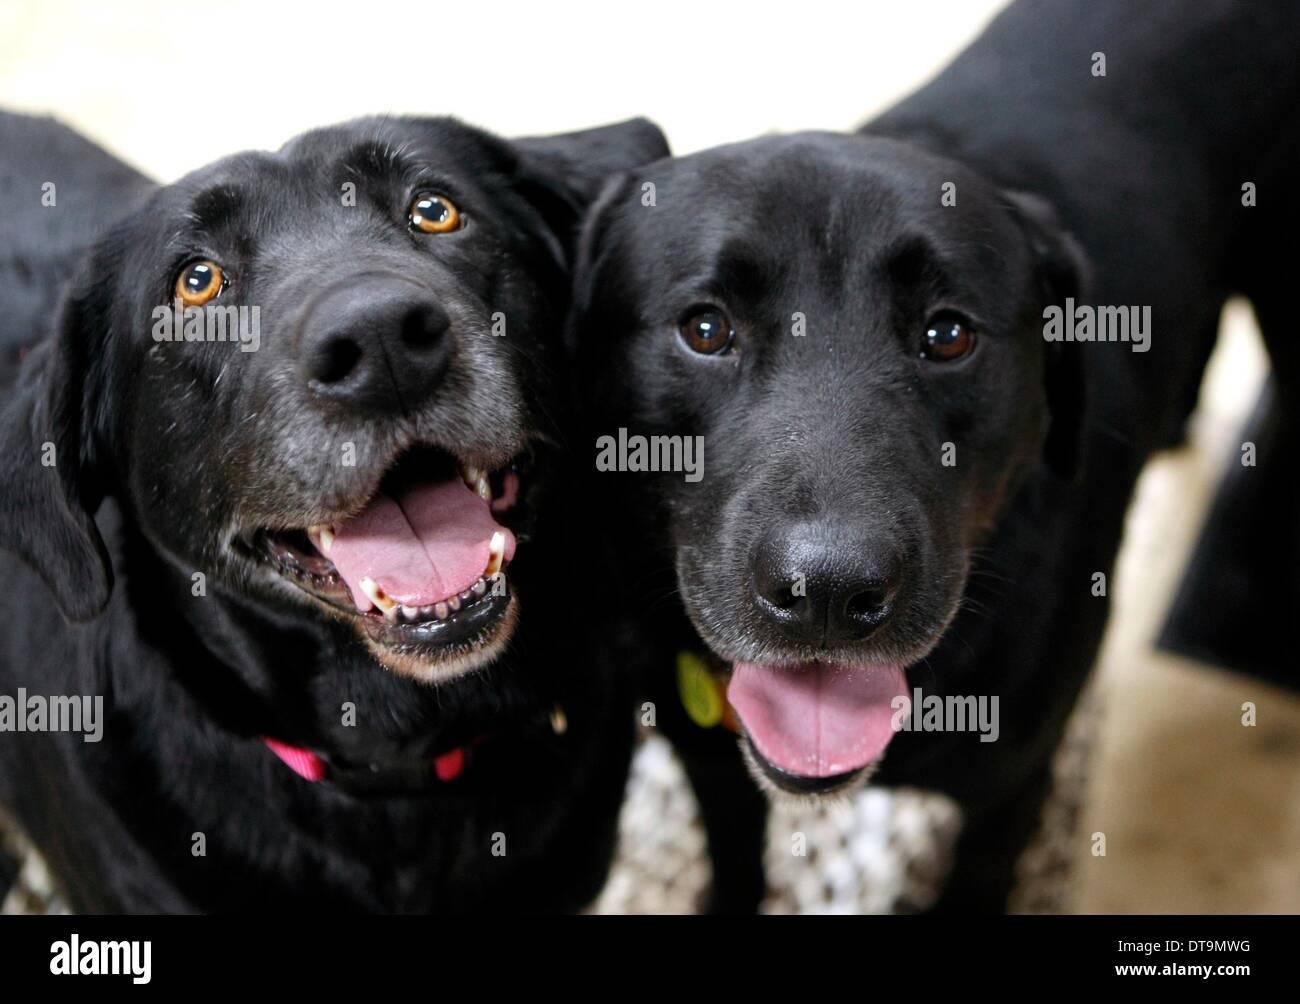 Bartlett, Tennessee, Stati Uniti d'America. 7 febbraio, 2014. Febbraio 7, 2014 - Labrador's Lindsey e Scott hanno trovato una nuova casa dopo essere stato abbandonato in Bartlett. Lindsey (sinistra) è un gigante cicatrice sul suo lato, Scott in molto impauriti. I lavoratori presso lo shelter hanno nutrito i cani torna alla buona salute e ha lavorato sulla loro socializzazione. Angela Klein, un supervisore presso lo shelter, hanno detto di essere difficilmente potrebbe arrivare vicino i cani per due settimane quando sono entrati per la prima volta.Lei ha insistito sul fatto che essere adottate insieme. © Karen Pulfer Focht/l'appello commerciale/ZUMAPRESS.com/Alamy Live News Immagini Stock